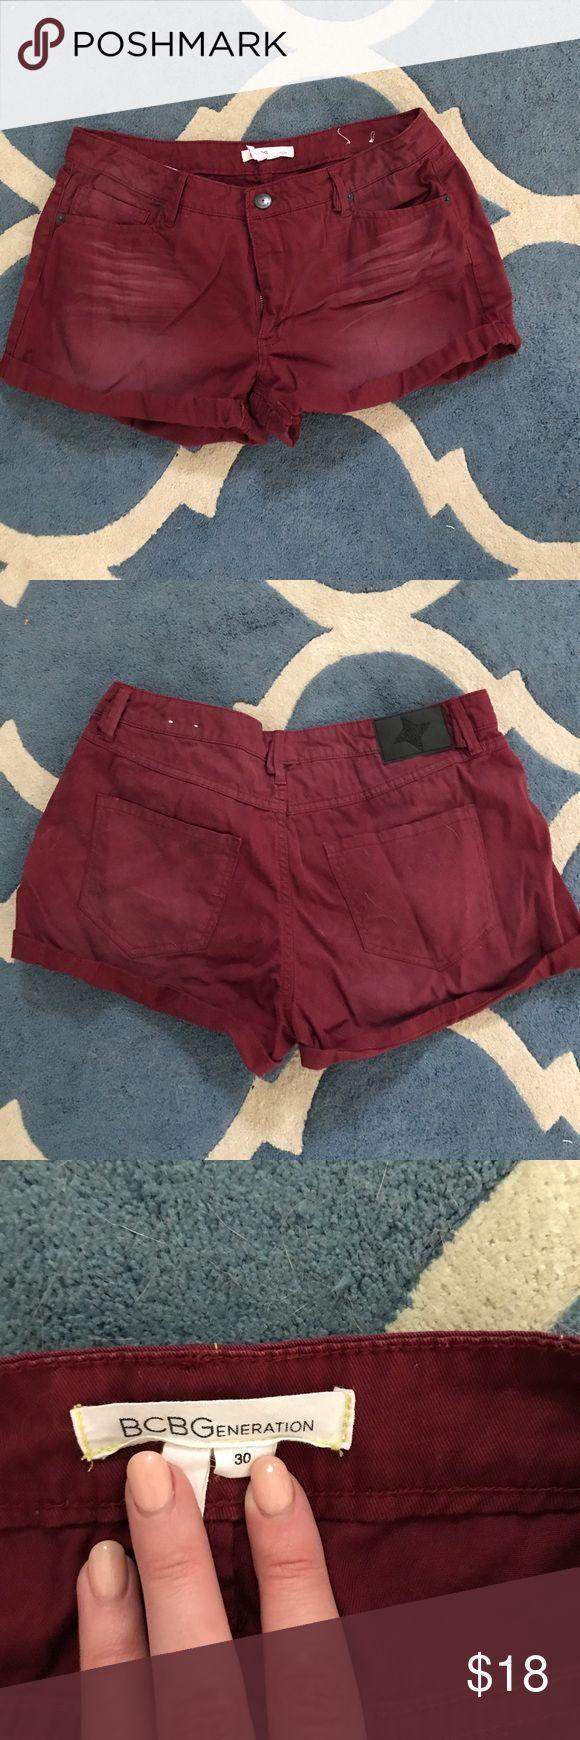 BCBGeneration shorts Maroon BCBGeneration shorts. NWOT BCBGeneration Shorts